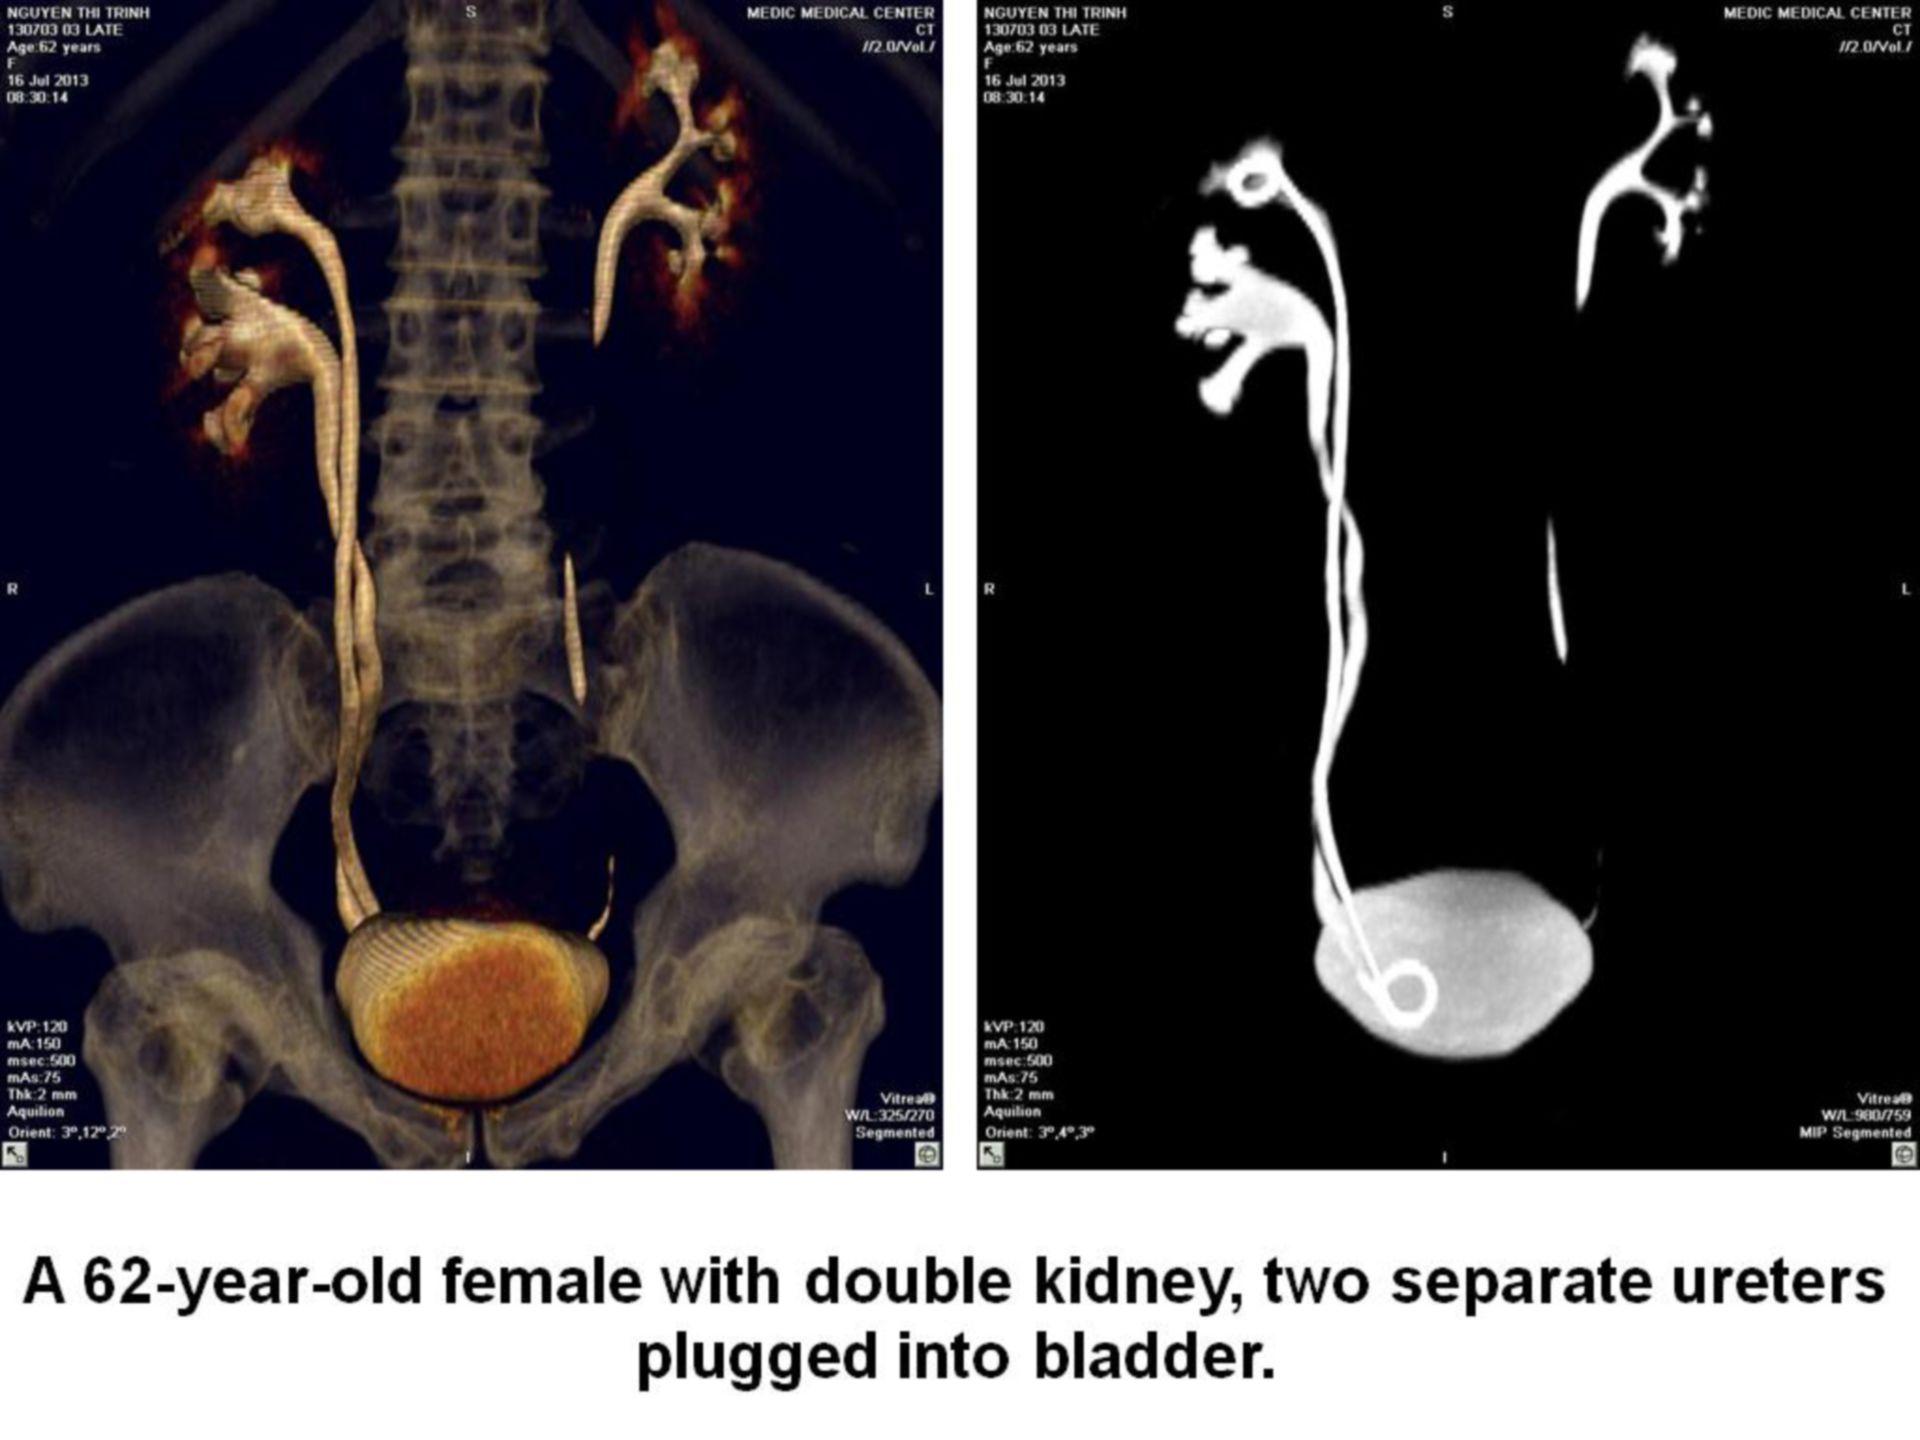 Riñon doble con cálculo en el uréter